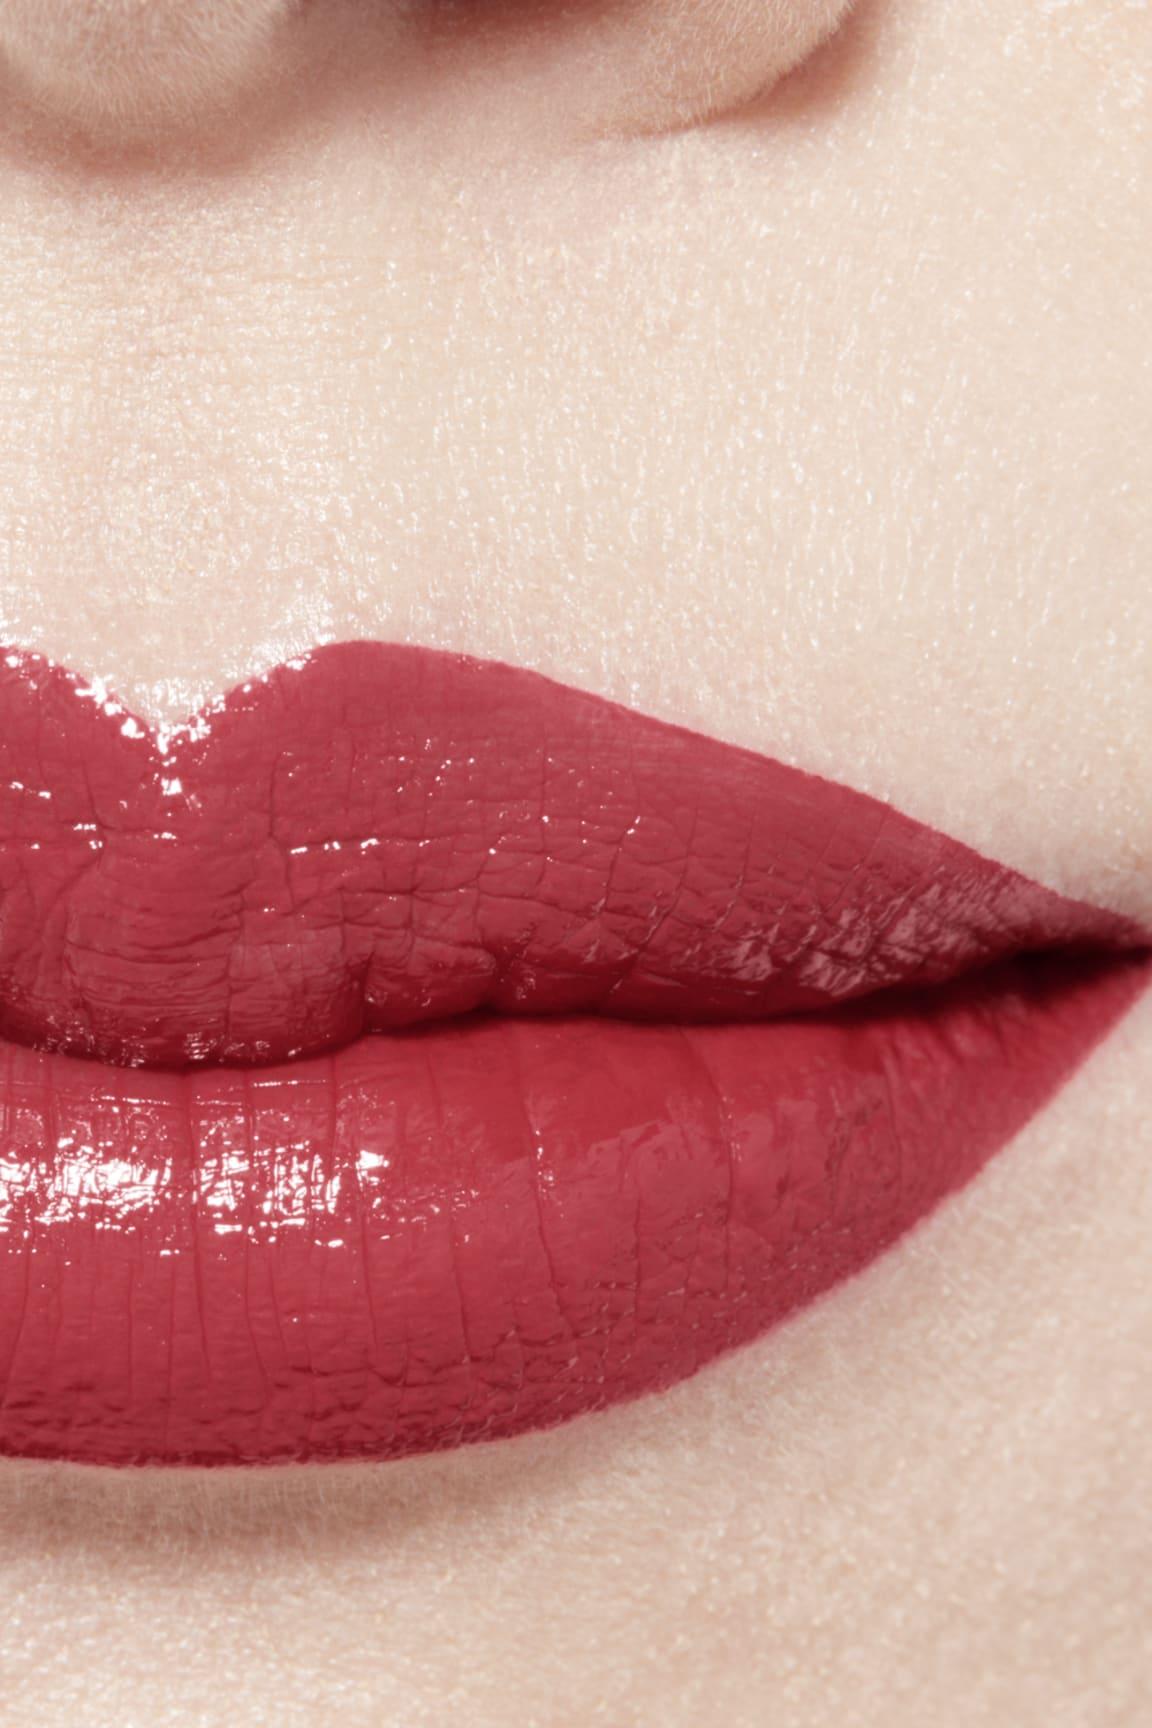 Imagen aplicación de maquillaje 1 - ROUGE ALLURE LAQUE 65 - IMPERTURBABLE